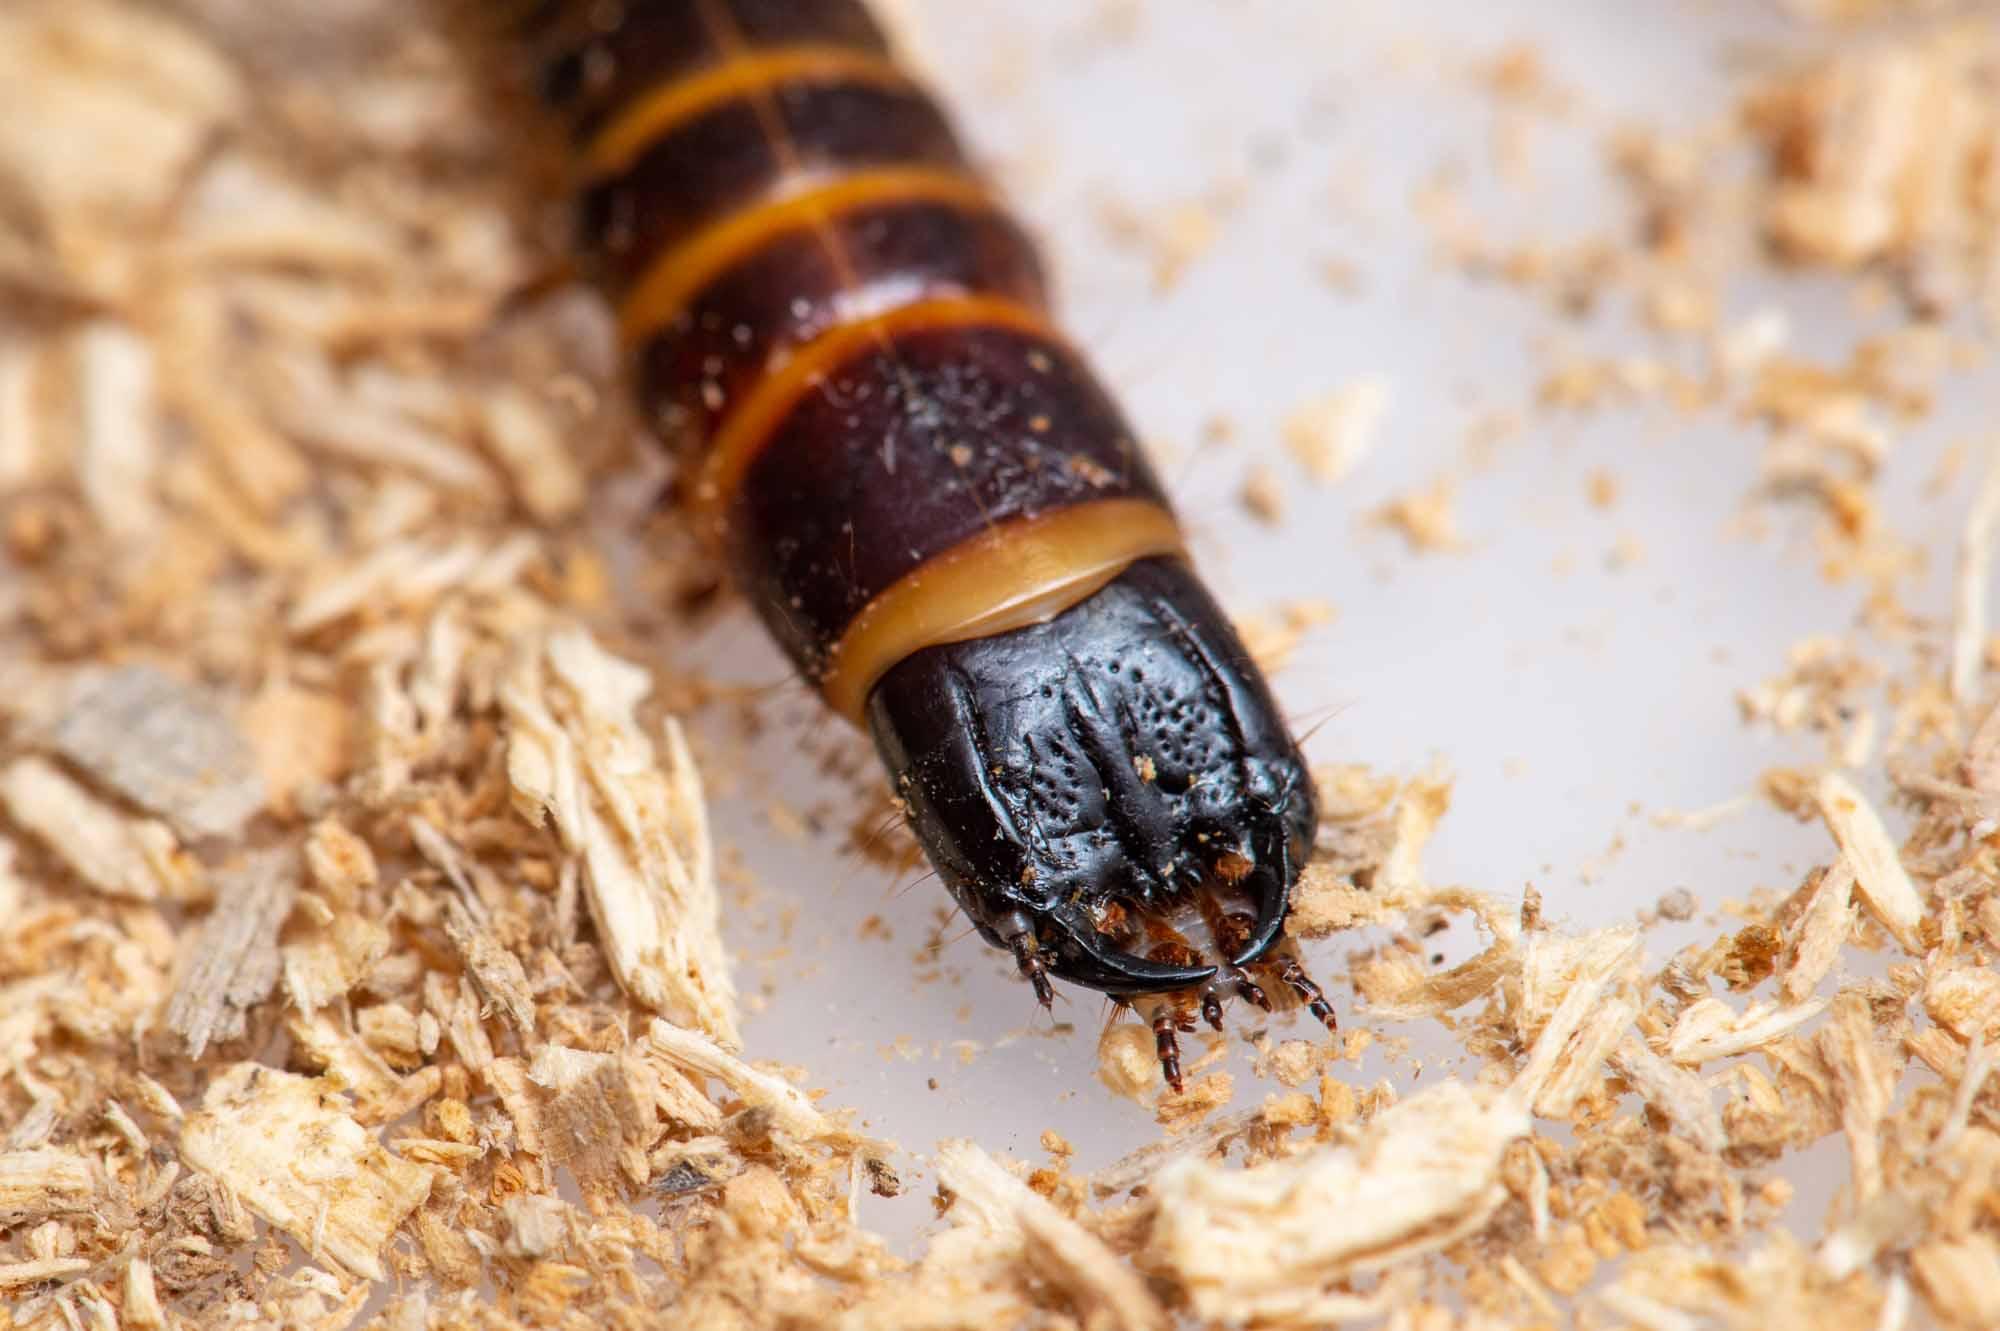 コメツキムシの幼虫の写真